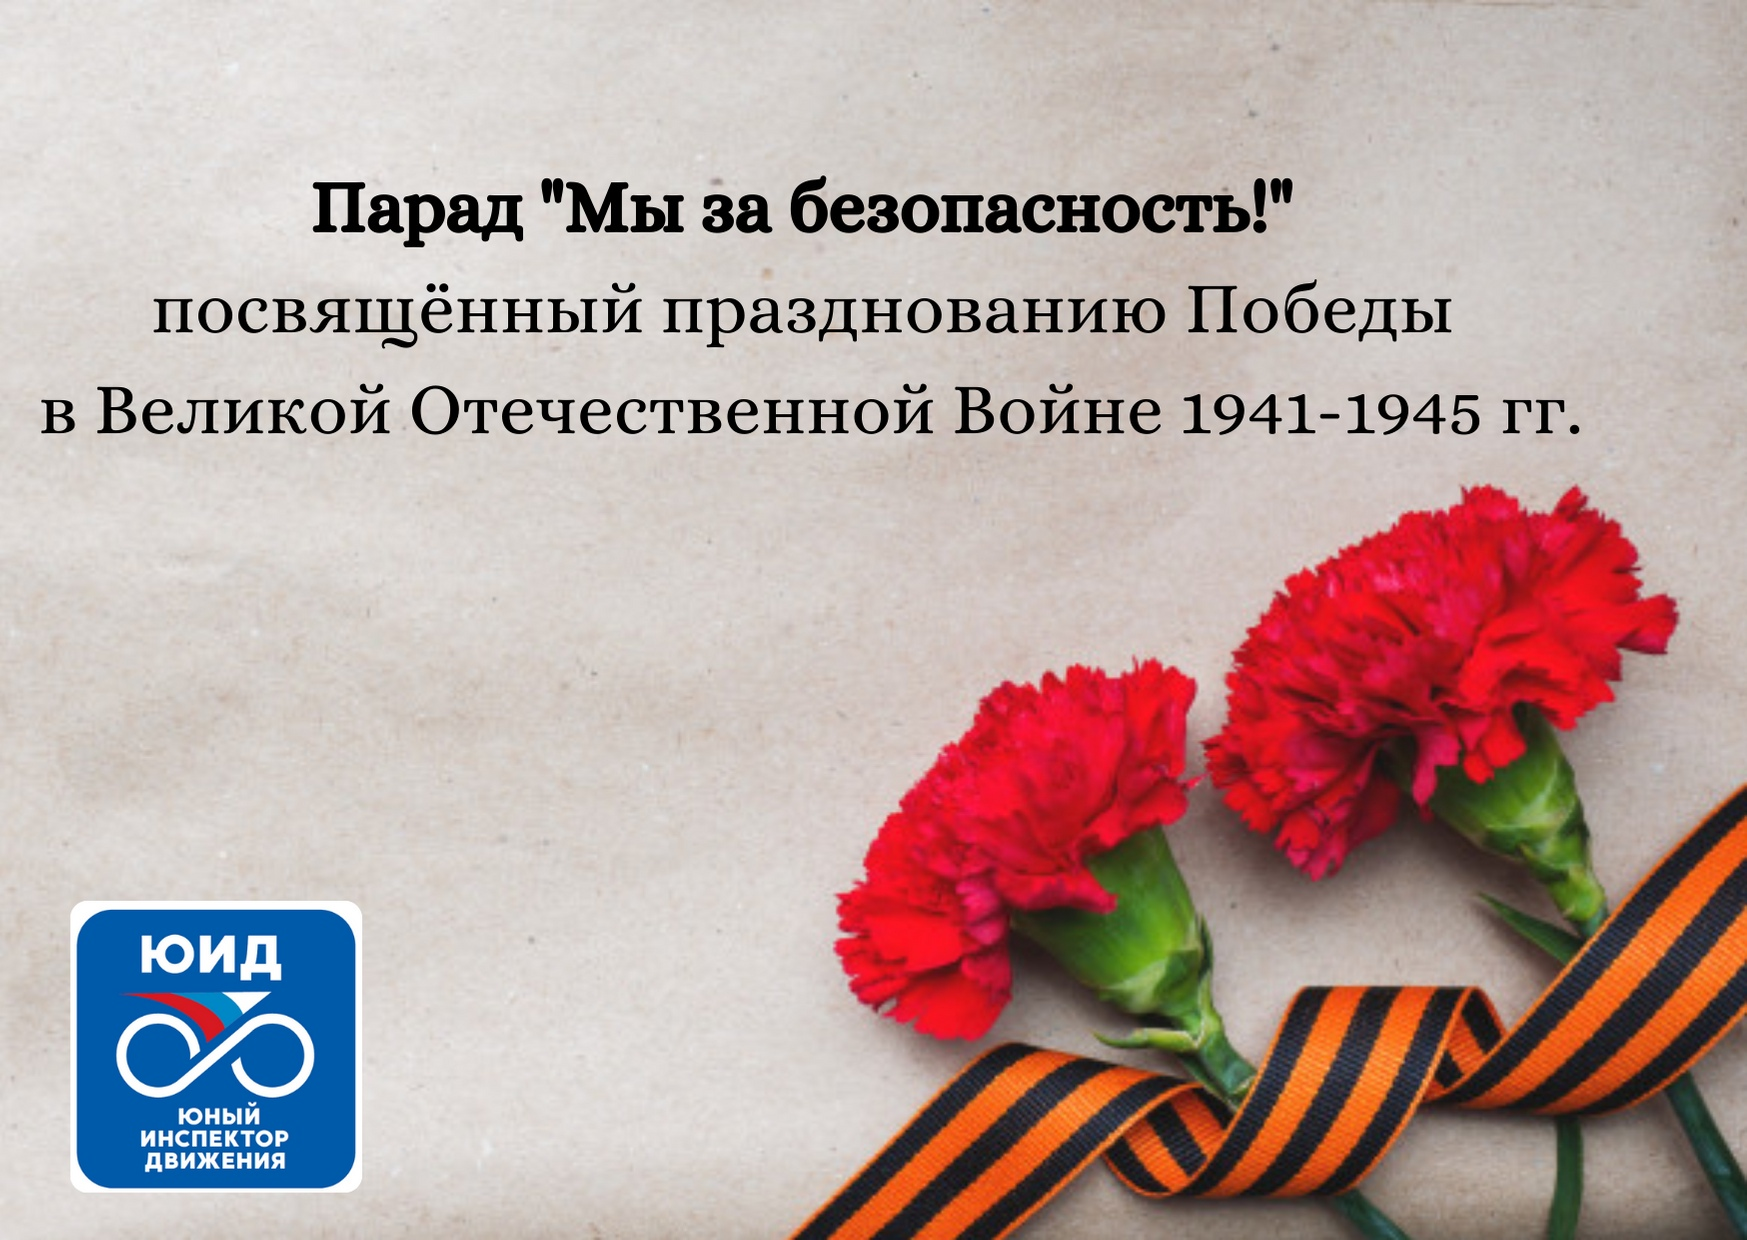 Отряды ЮИД Республики Хакасия приглашаются к участию в Параде «Мы – за безопасность!»